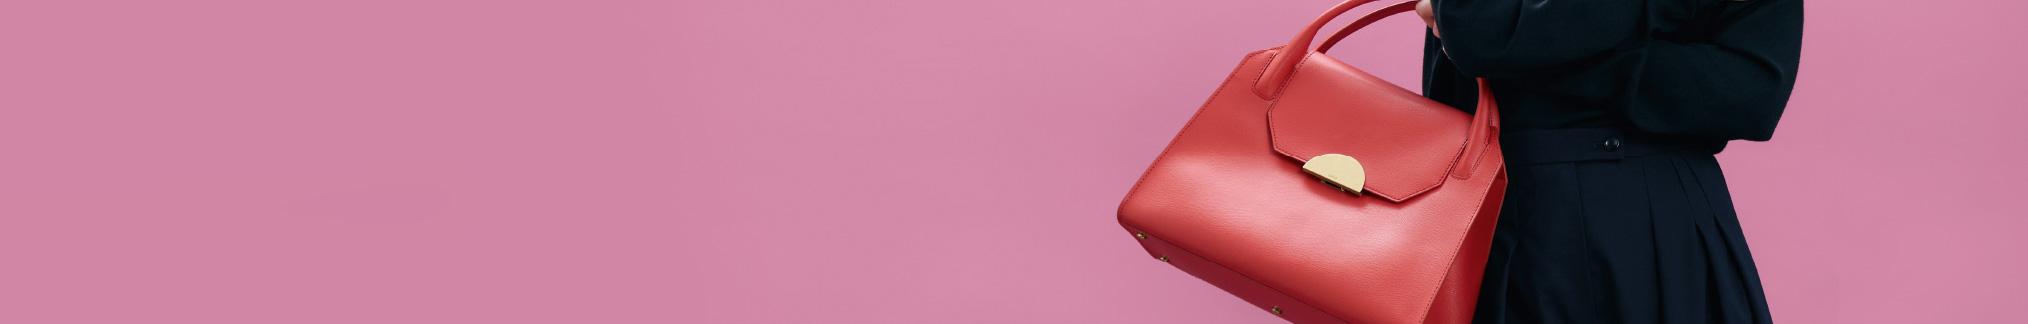 Handtasche Fur Damen Im Bree Online Store Kaufen